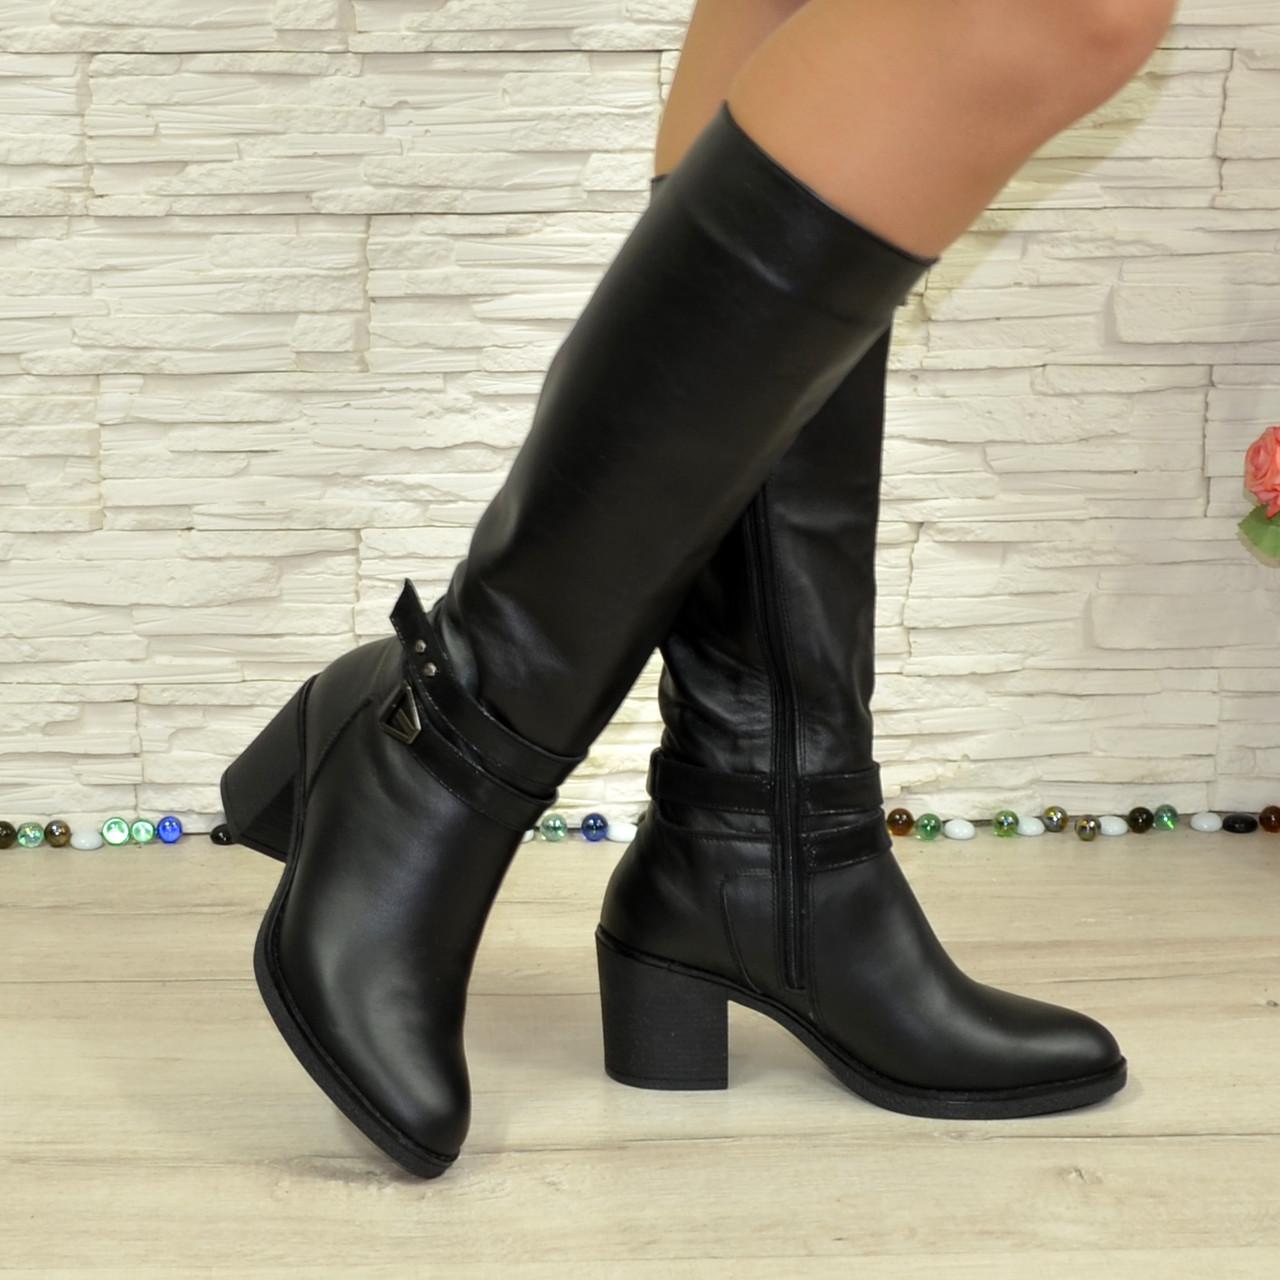 60b0e587b Женские зимние черные кожаные сапоги на устойчивом каблуке. В наличии 37  размер